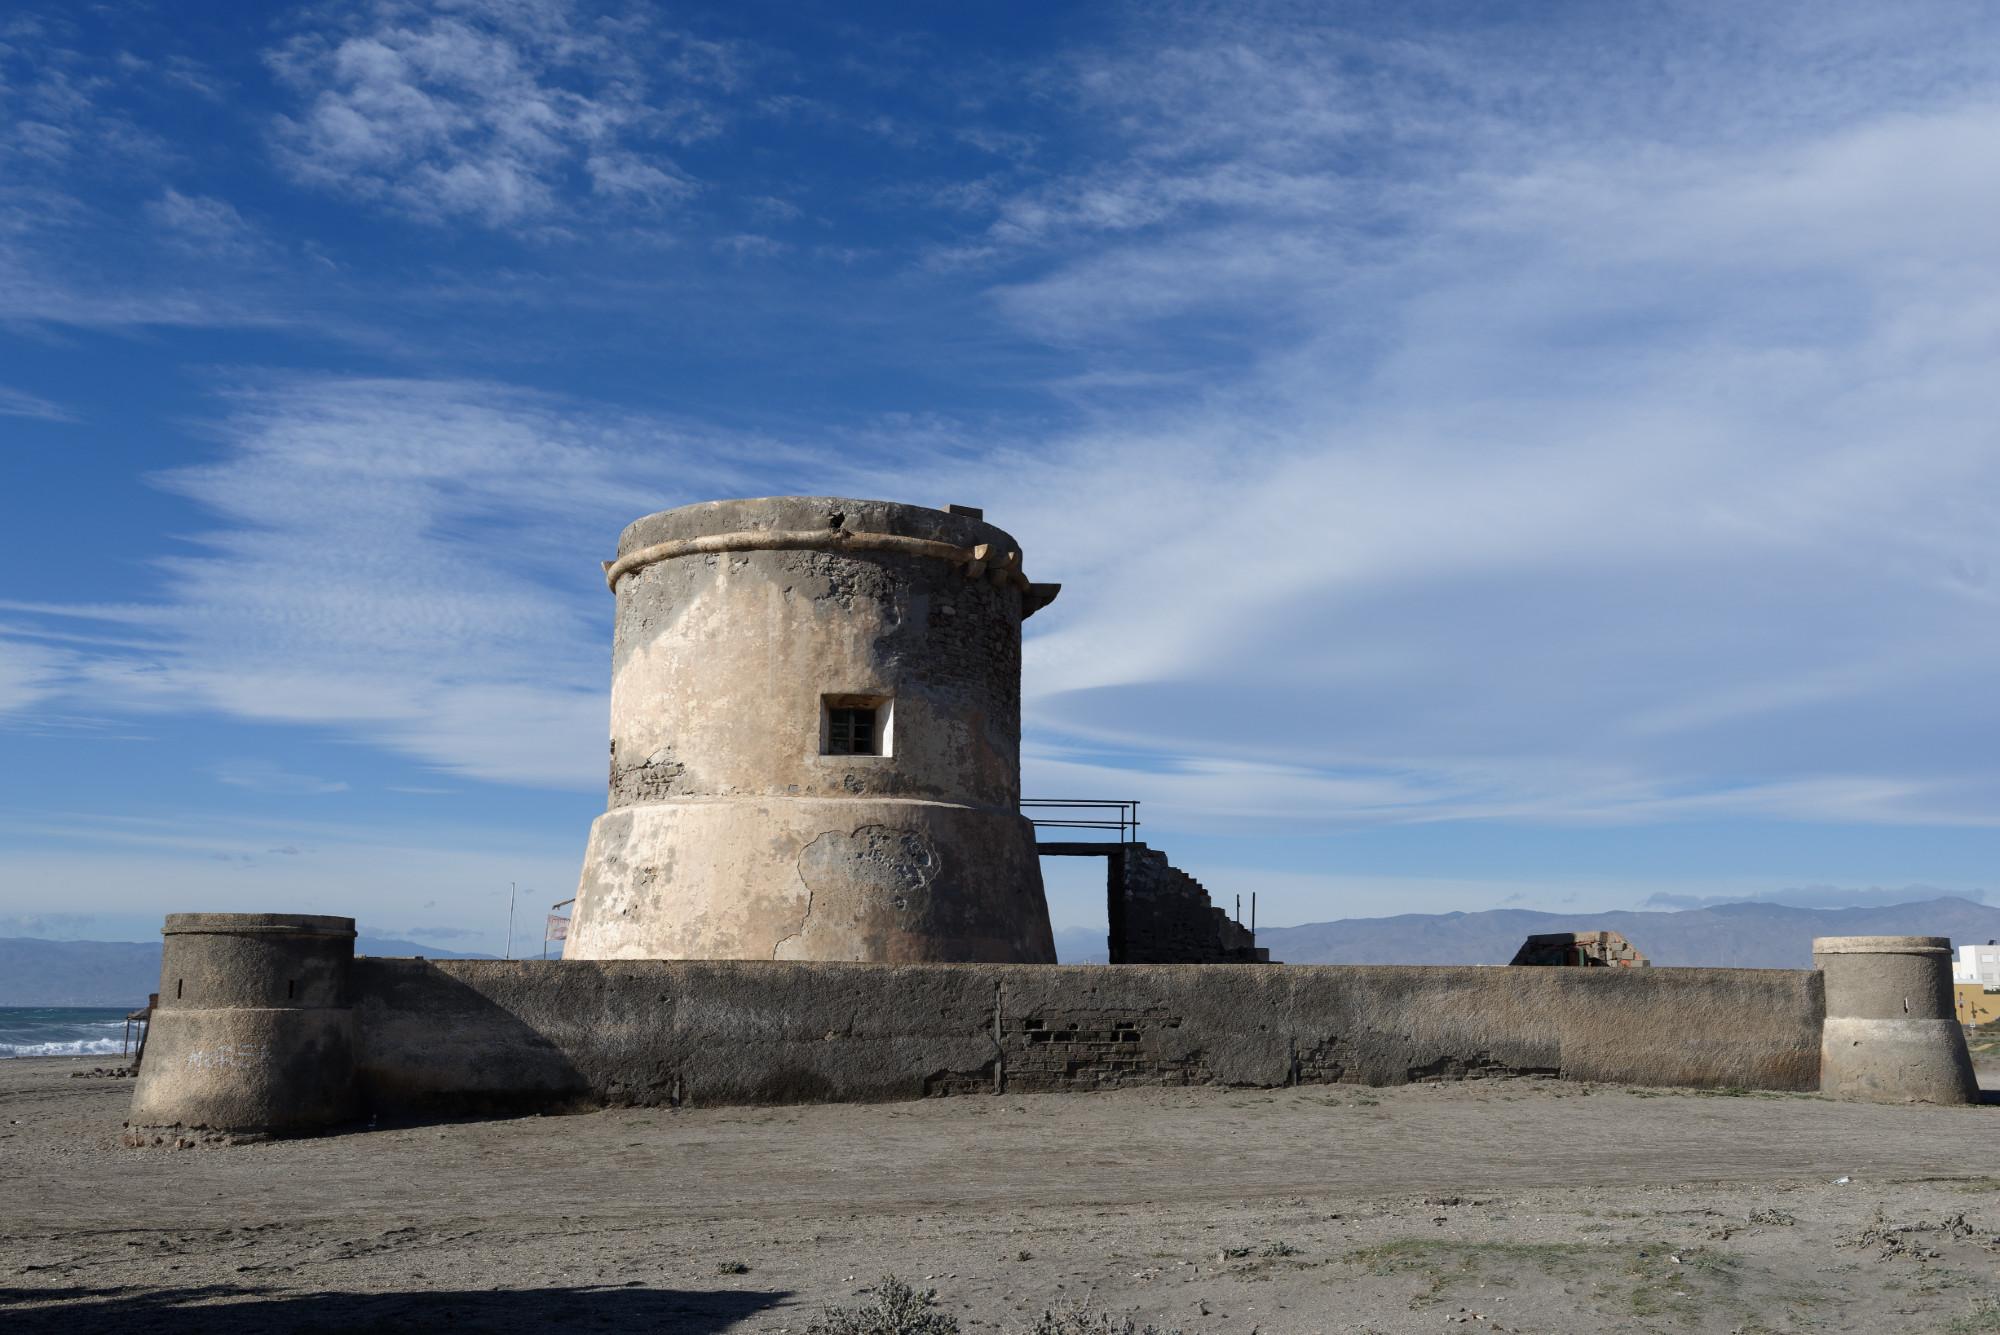 171215-San Miguel de Cabo de Gata (Cabo de Gata - Andalousie) (13)